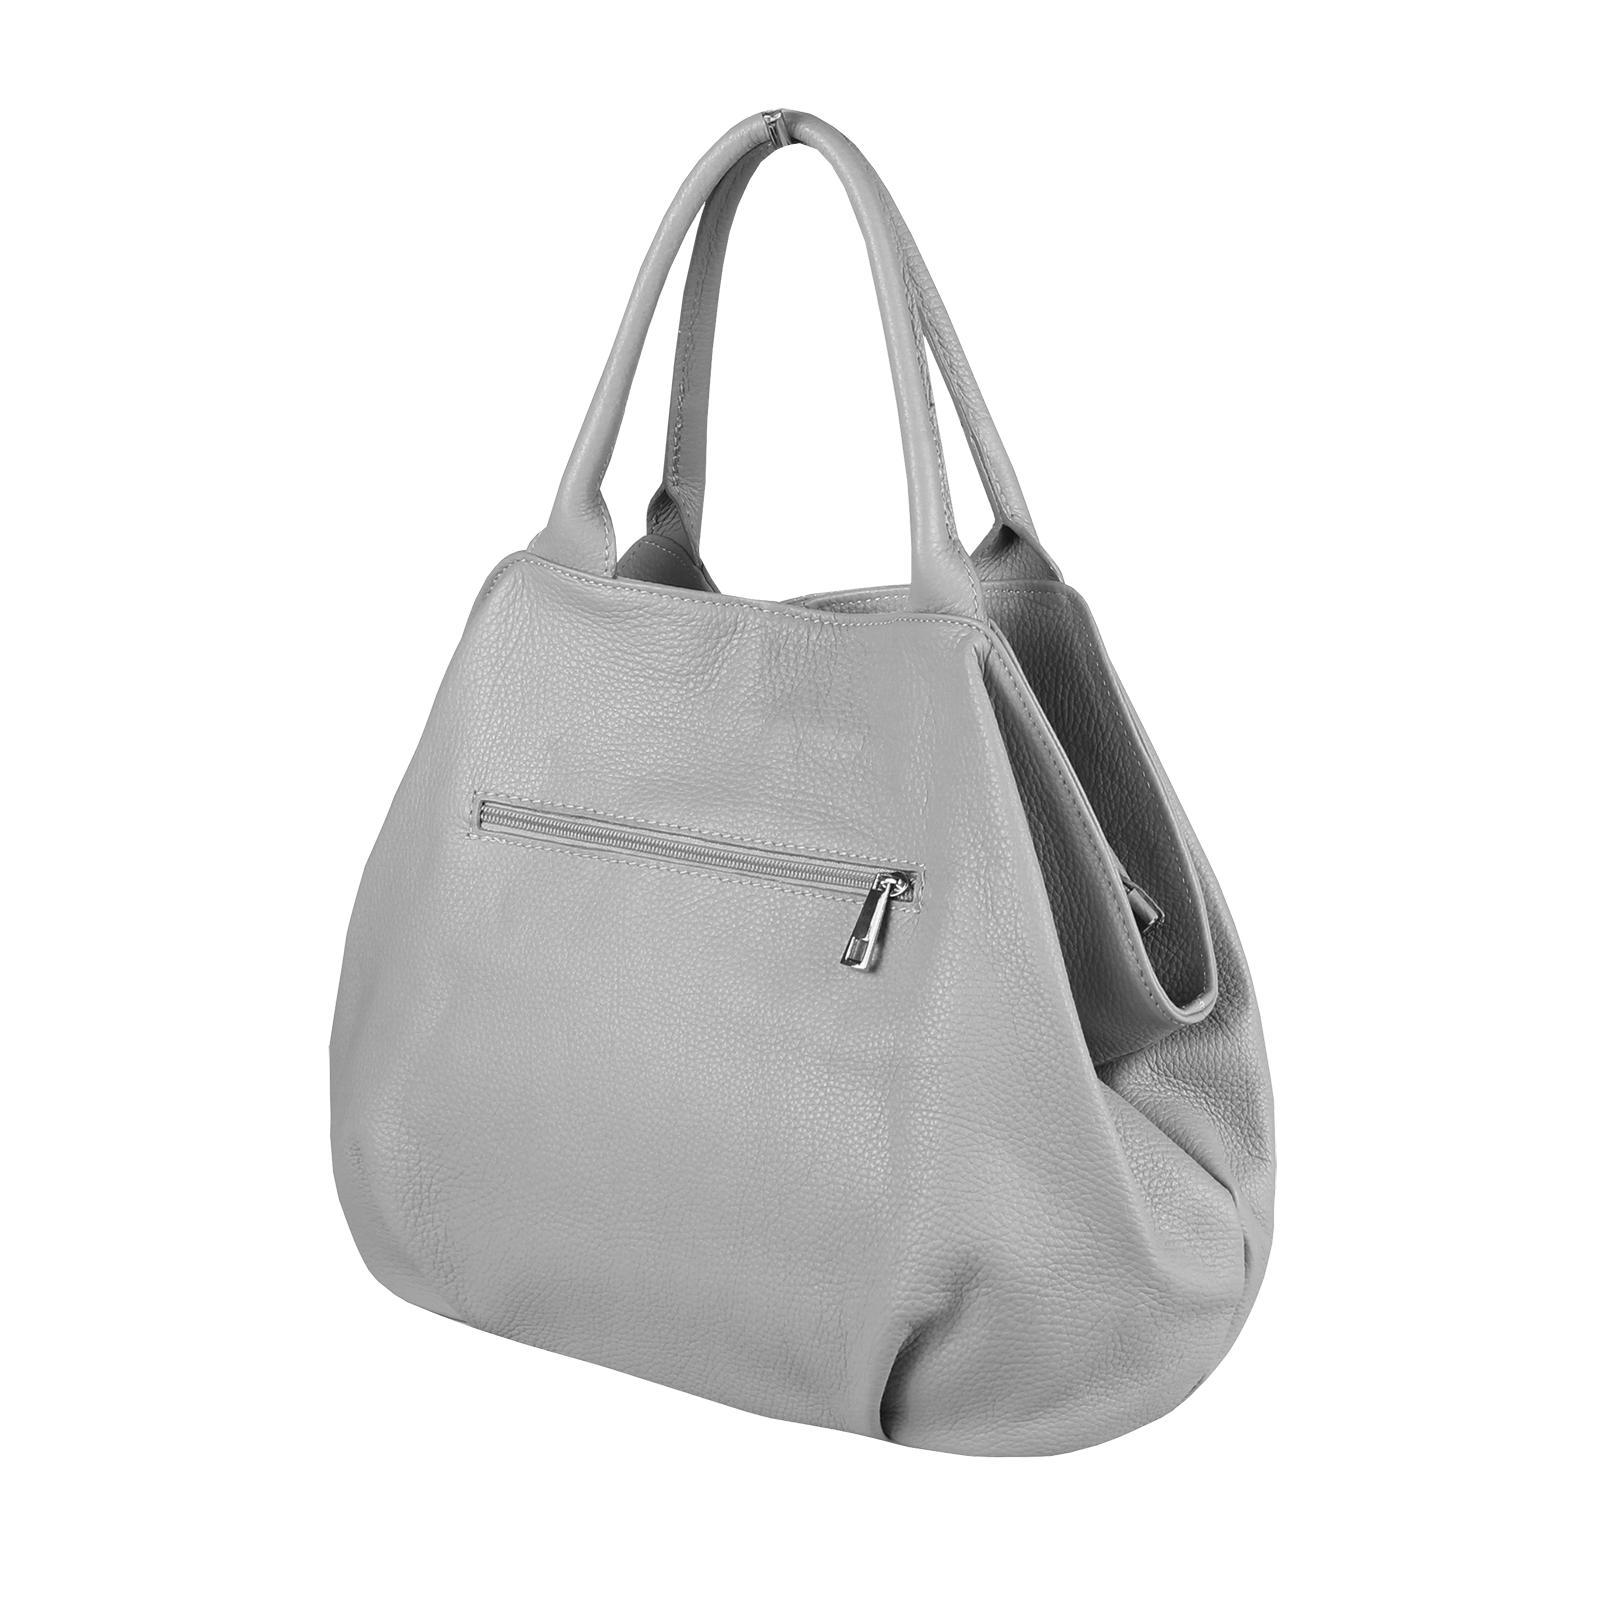 ITALY-LEDER-SHOPPER-Umhaengetasche-Schulter-Hand-Tasche-Damentasche-Ledertasche Indexbild 31